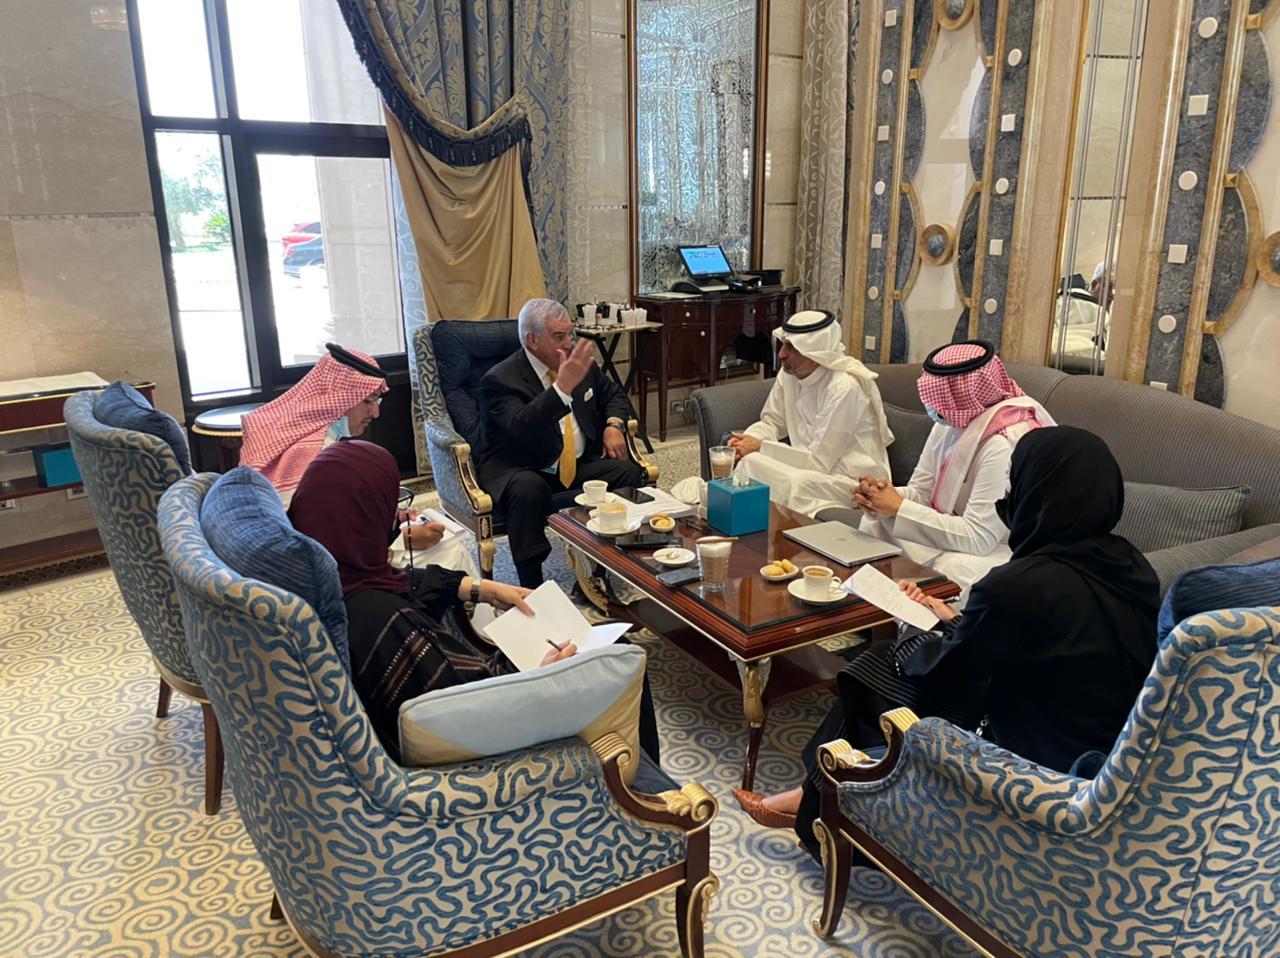 زاهي حواس: مشروع الحفائر بموقع رمسيس الثالث بالسعودية نوفمبر القادم